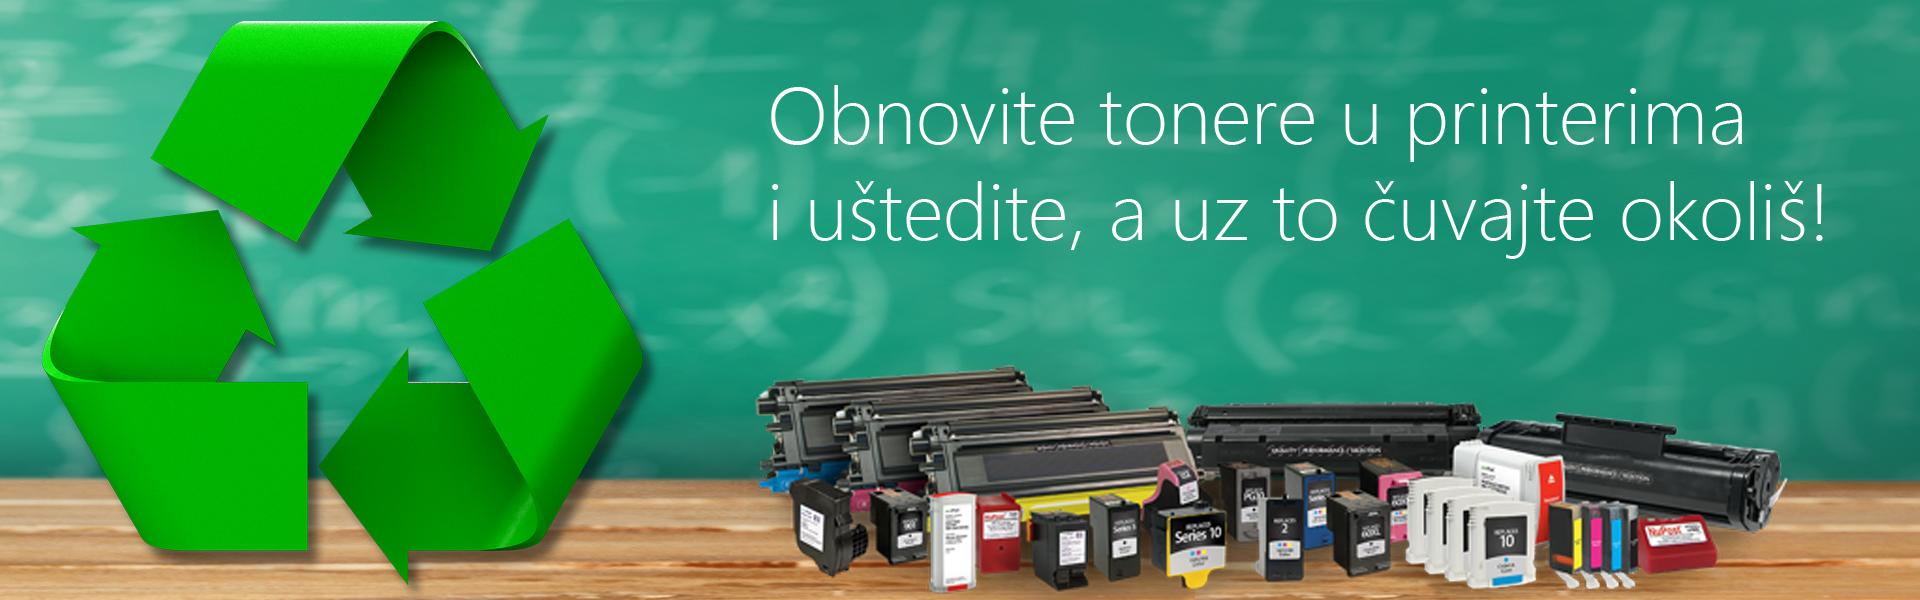 https://www.simunovic.hr/Repository/Baneri/obnovite-tonere-banner-092016.jpg